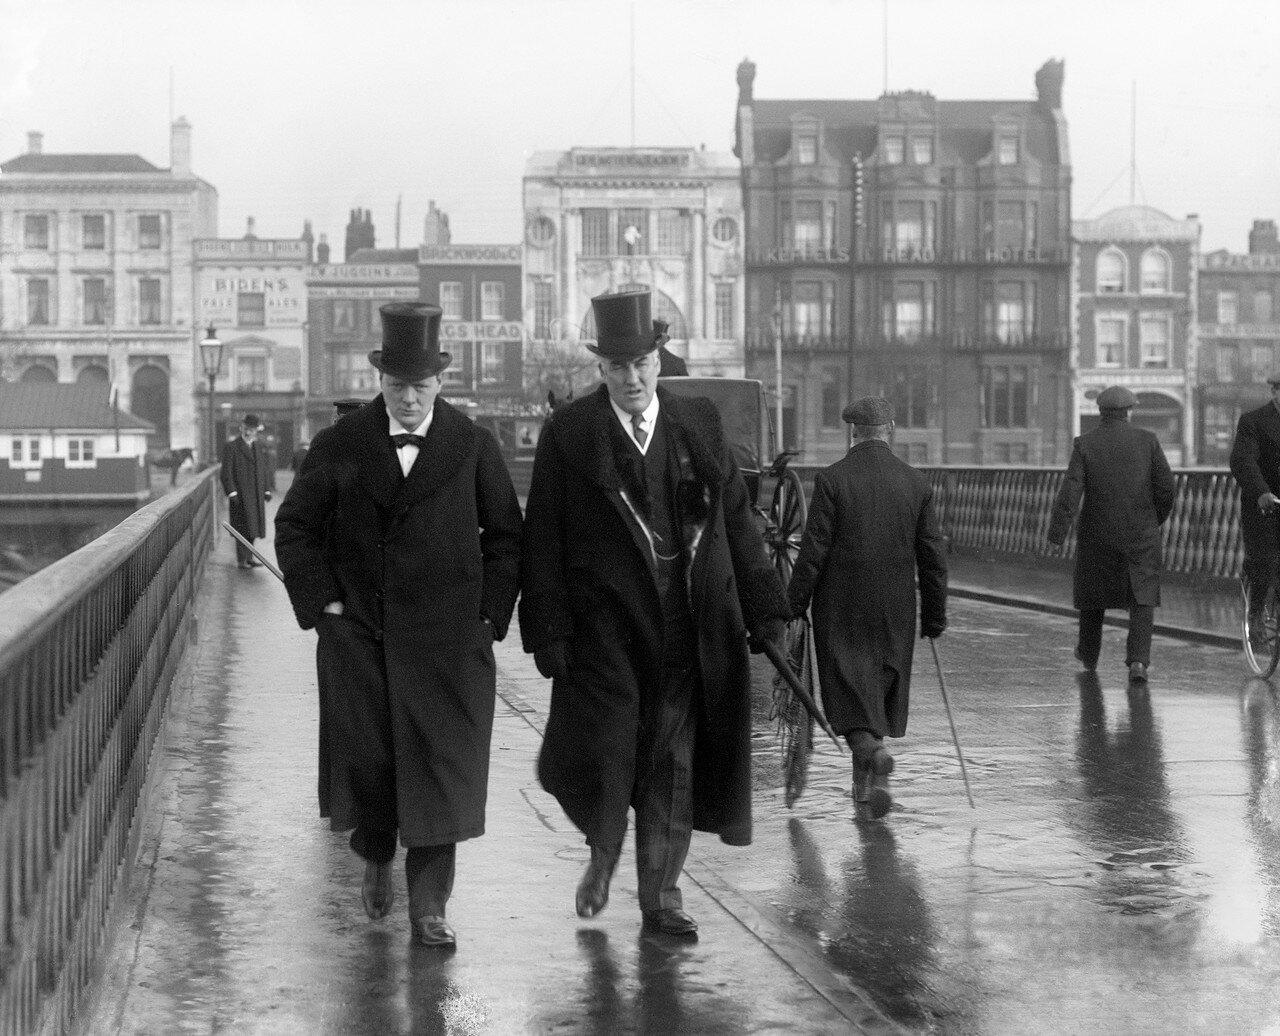 1911. Первый Лорд Адмиралтейства Уинстон Черчилль и его личный секретарь контр-адмирал сэр Эрнест Чарльз Томас Троубридж. Лондон